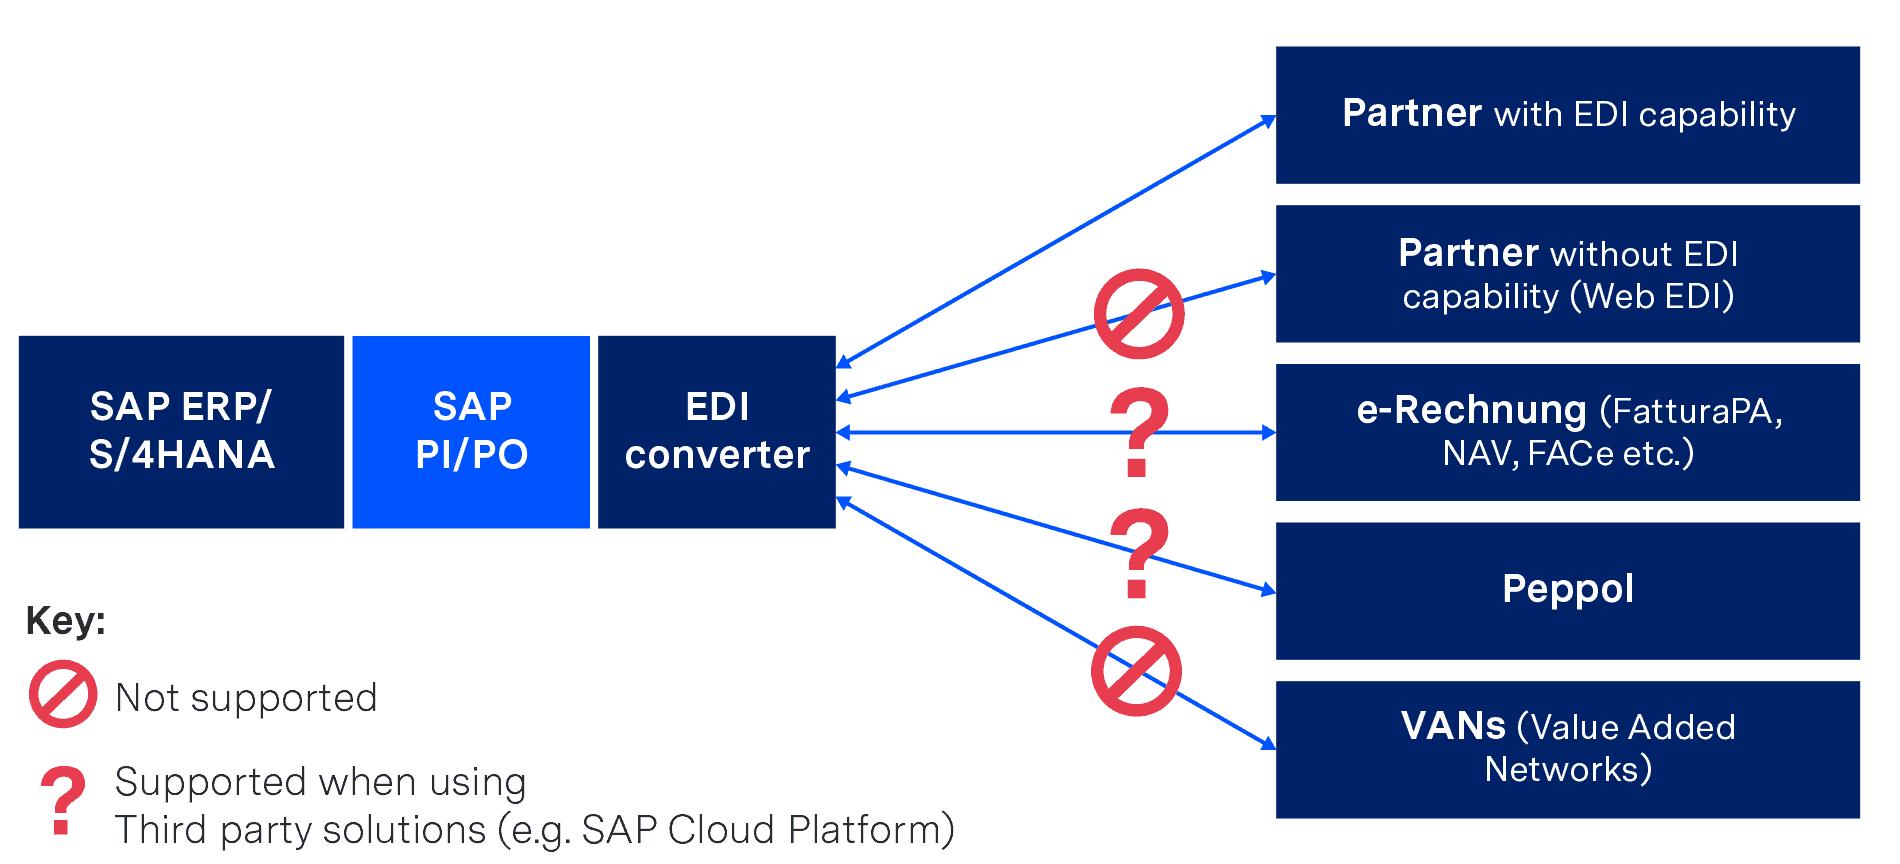 SAP PI/PO with local EDI converter